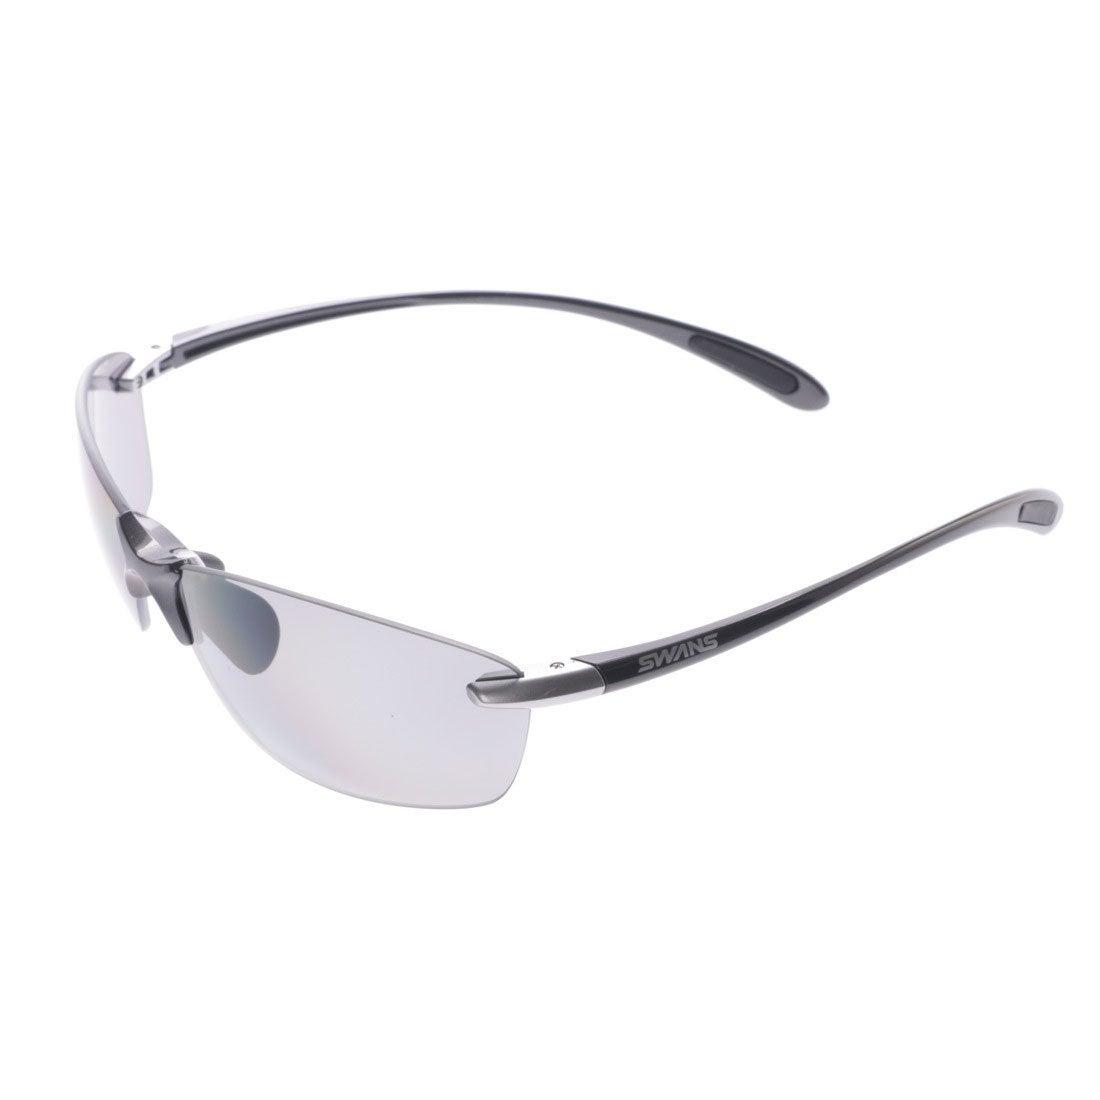 【SALE 20%OFF】スワンズ SWANS メンズ レディース サングラス スワンズ SWANS サングラス Airless Leaffit SALF-0051 (GMR) SALF-0051 222 レディース メンズ